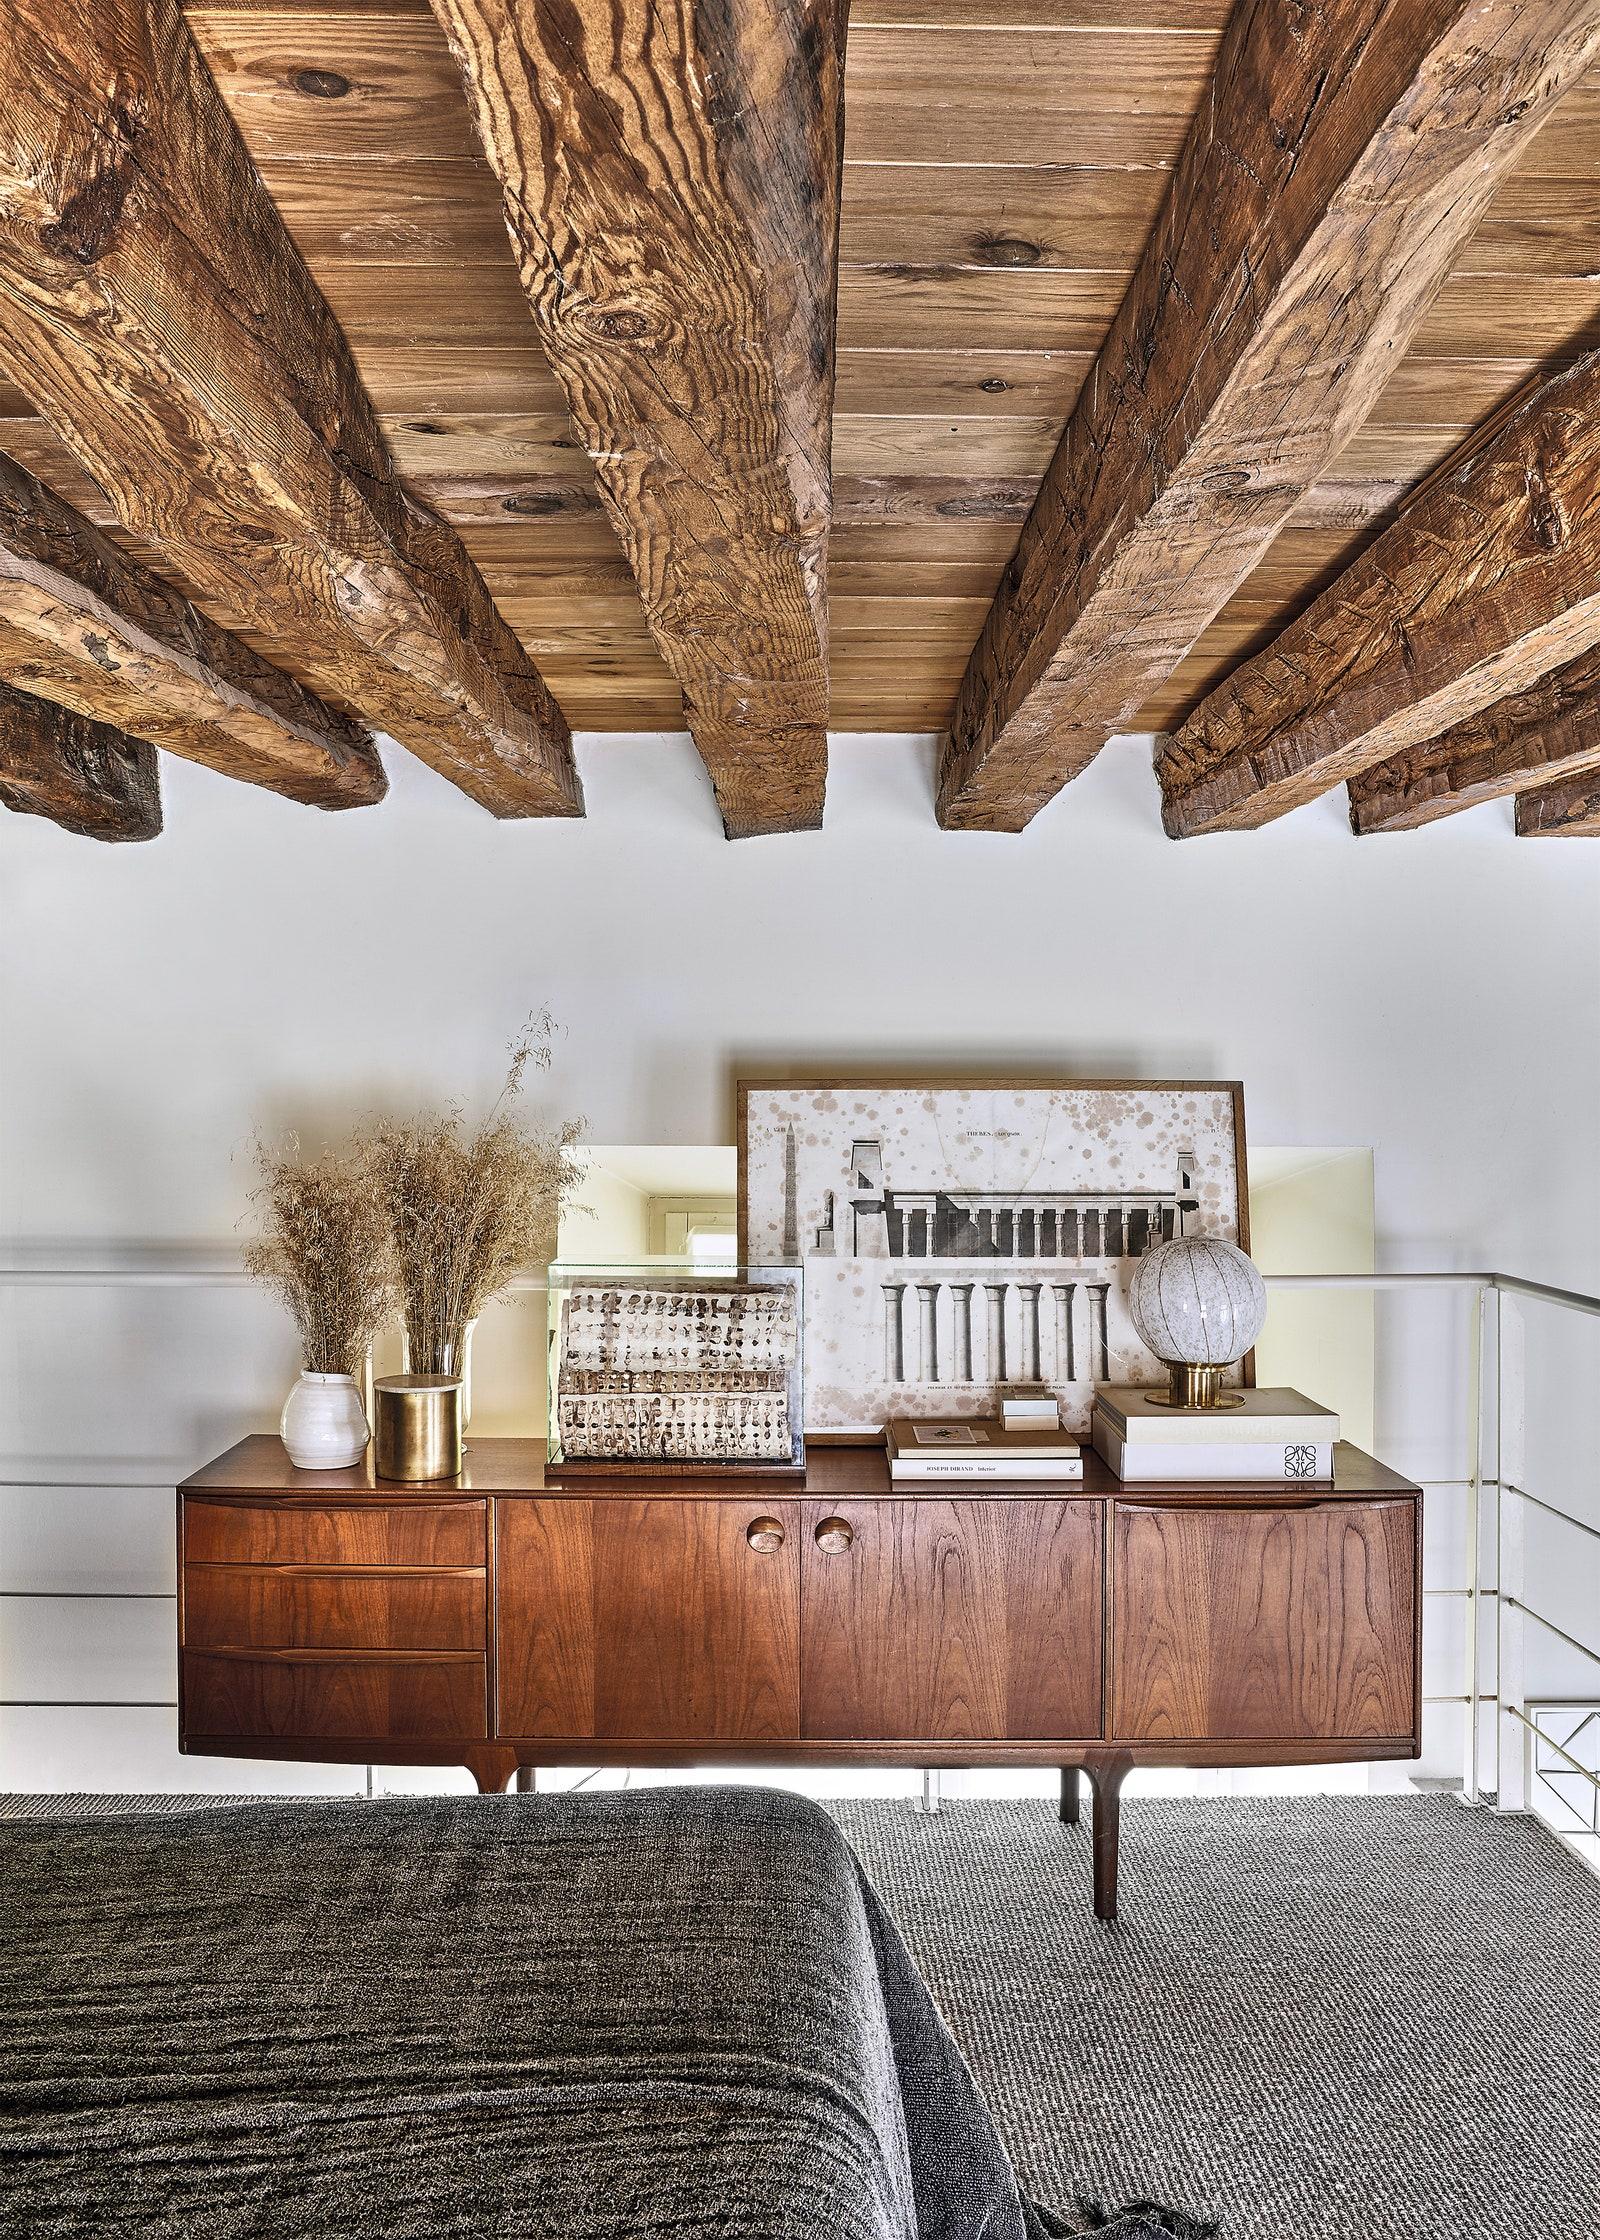 este_verano_practica_nesting_decoración_interiores_lifestyle_consejos-11